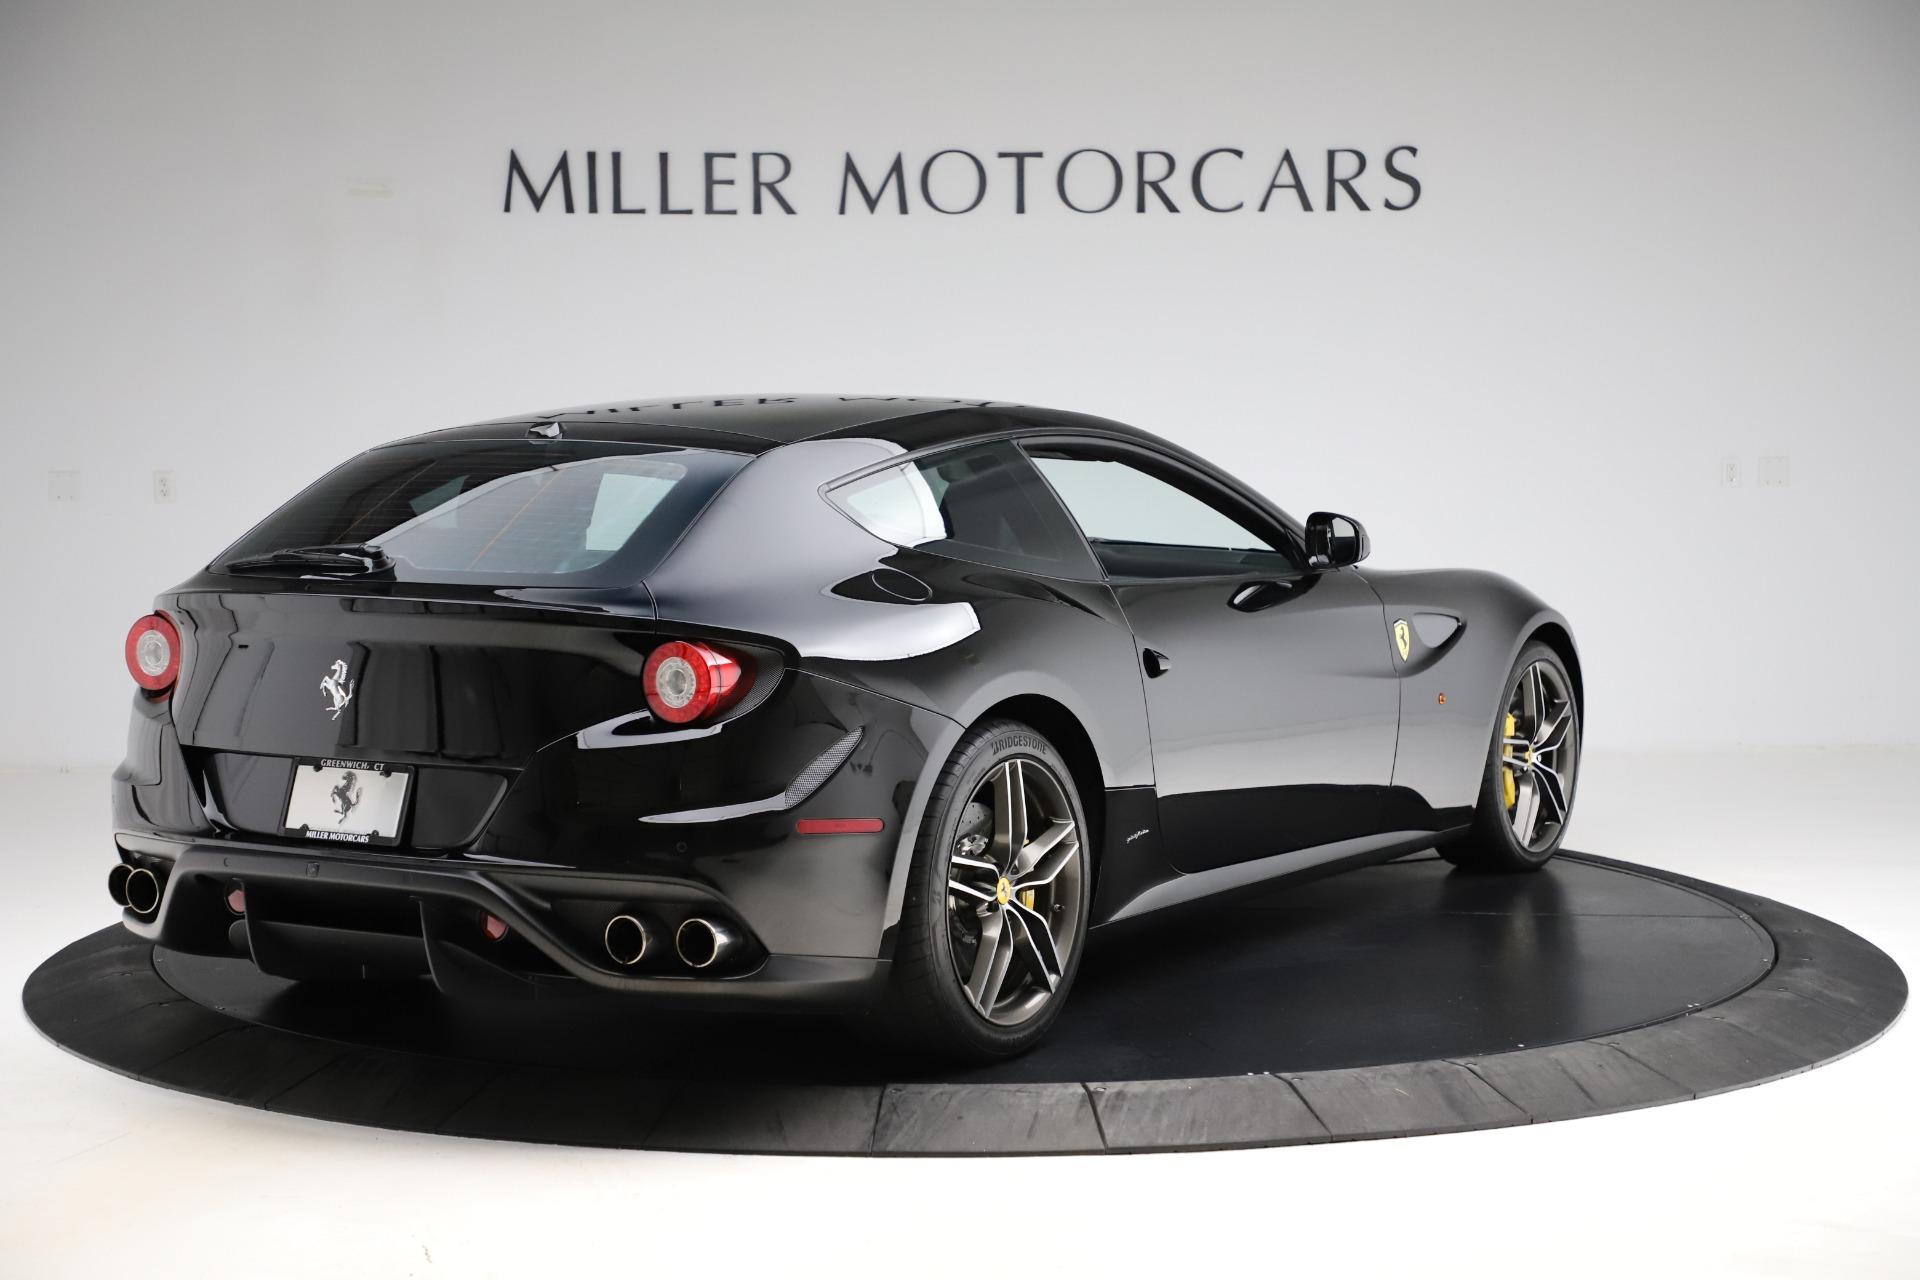 Pre-Owned 2014 Ferrari FF For Sale () | Miller Motorcars ...